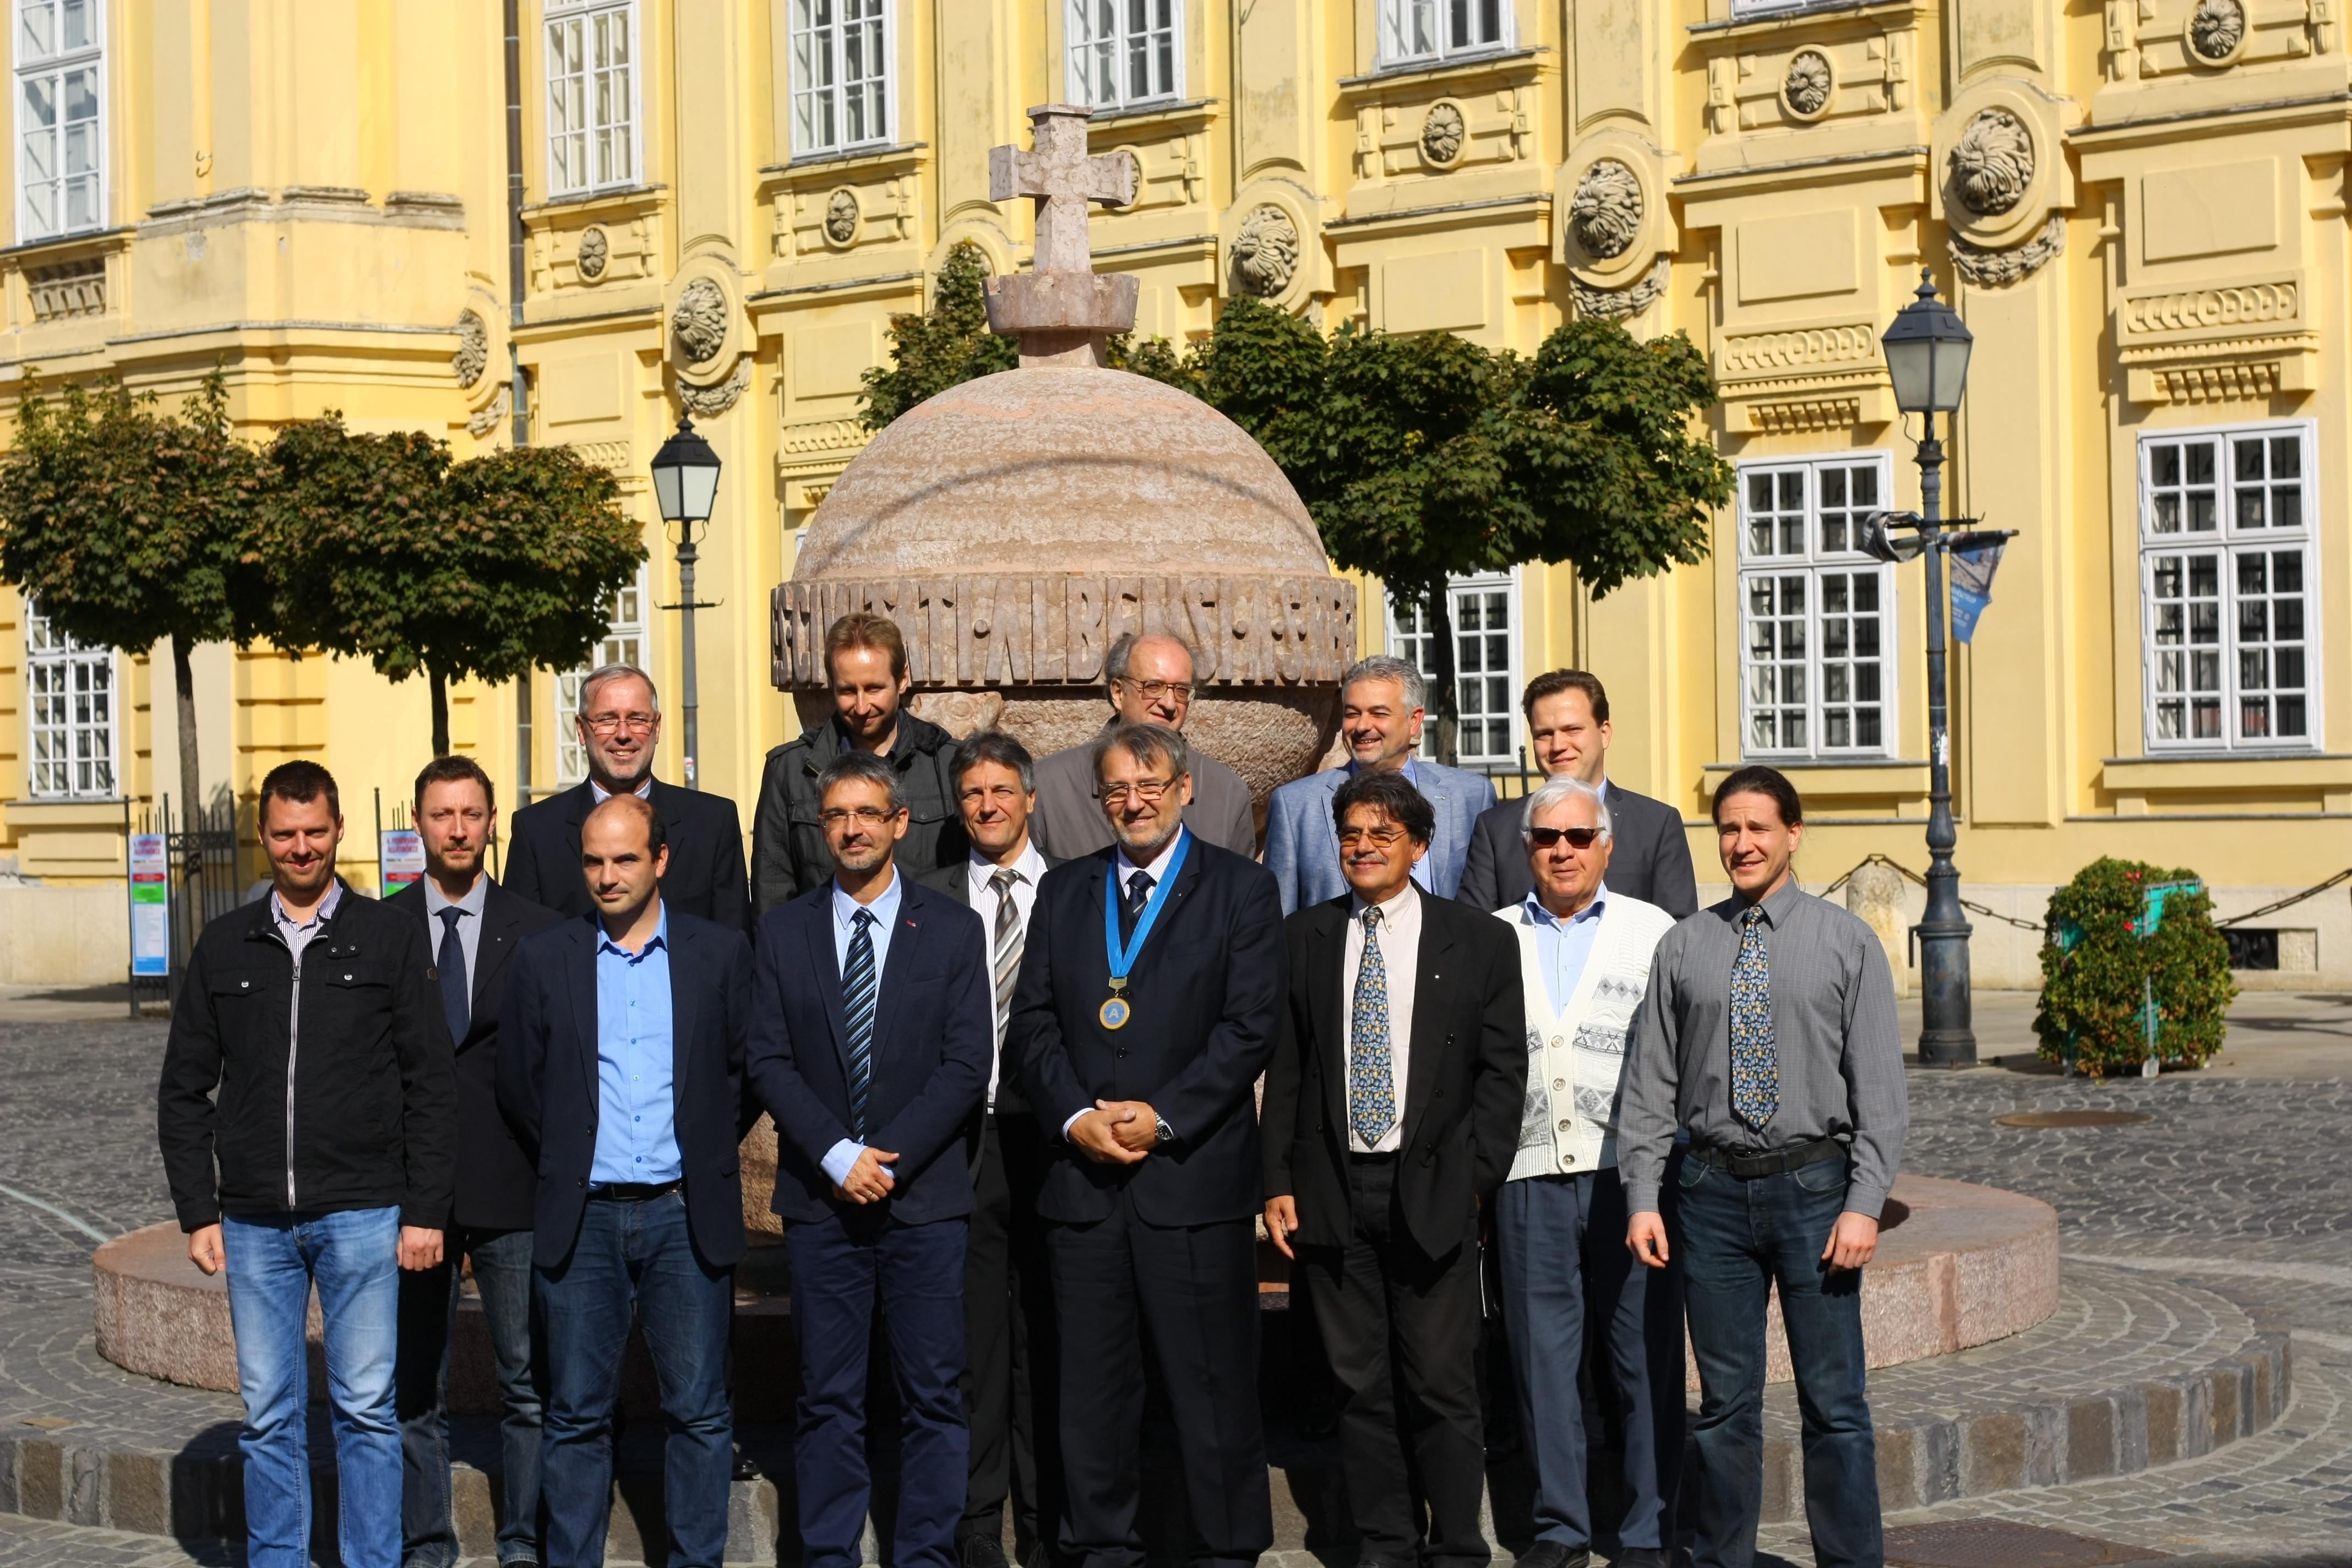 Nemzeti Ambassador Club Magyarország - találkozó 2016.10.08-án Székesfehérvárott